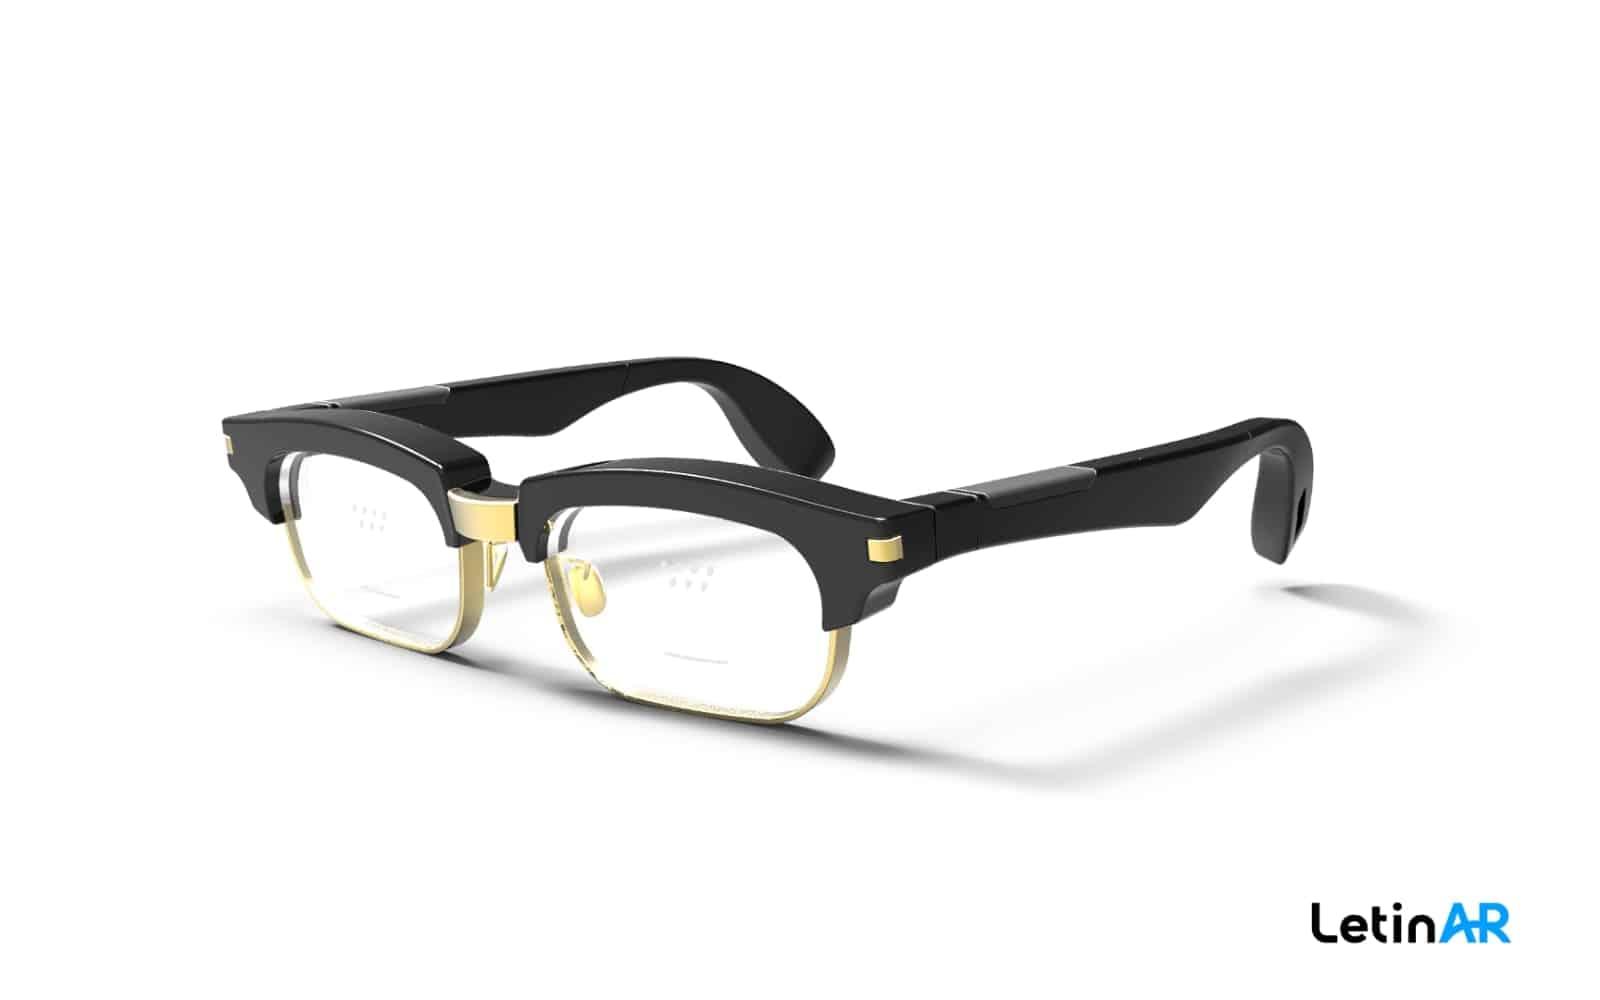 LetinAR PinMR Smart glasses